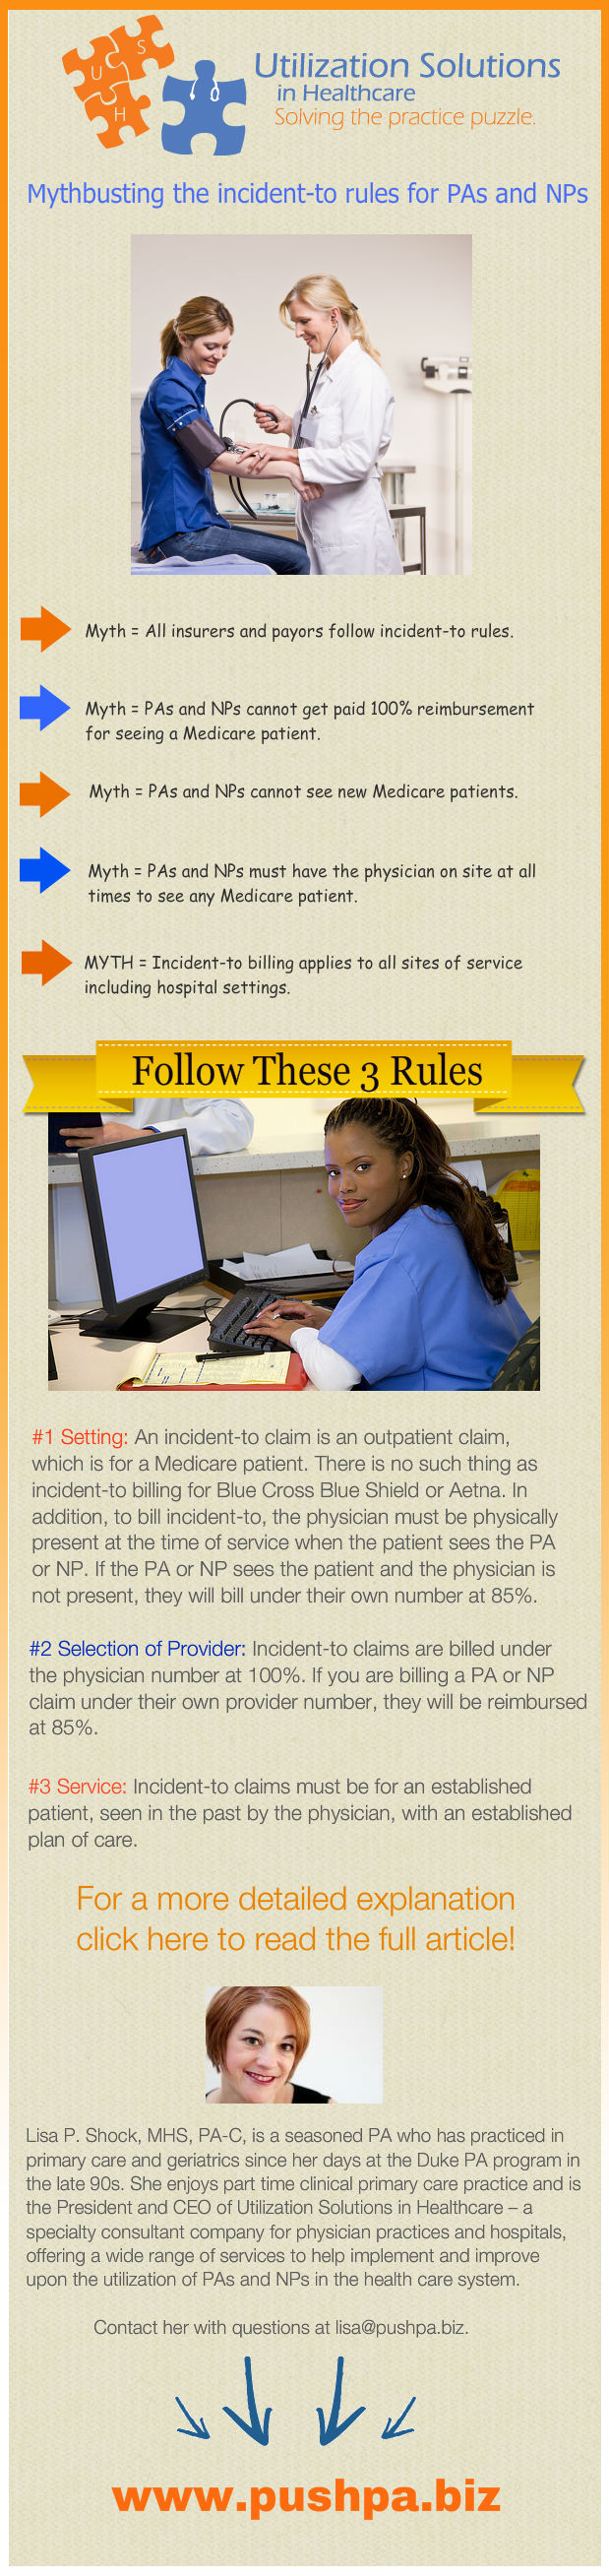 3b4010a26444e7d3890070944095a799 - Medicaid Non Billing Provider Application